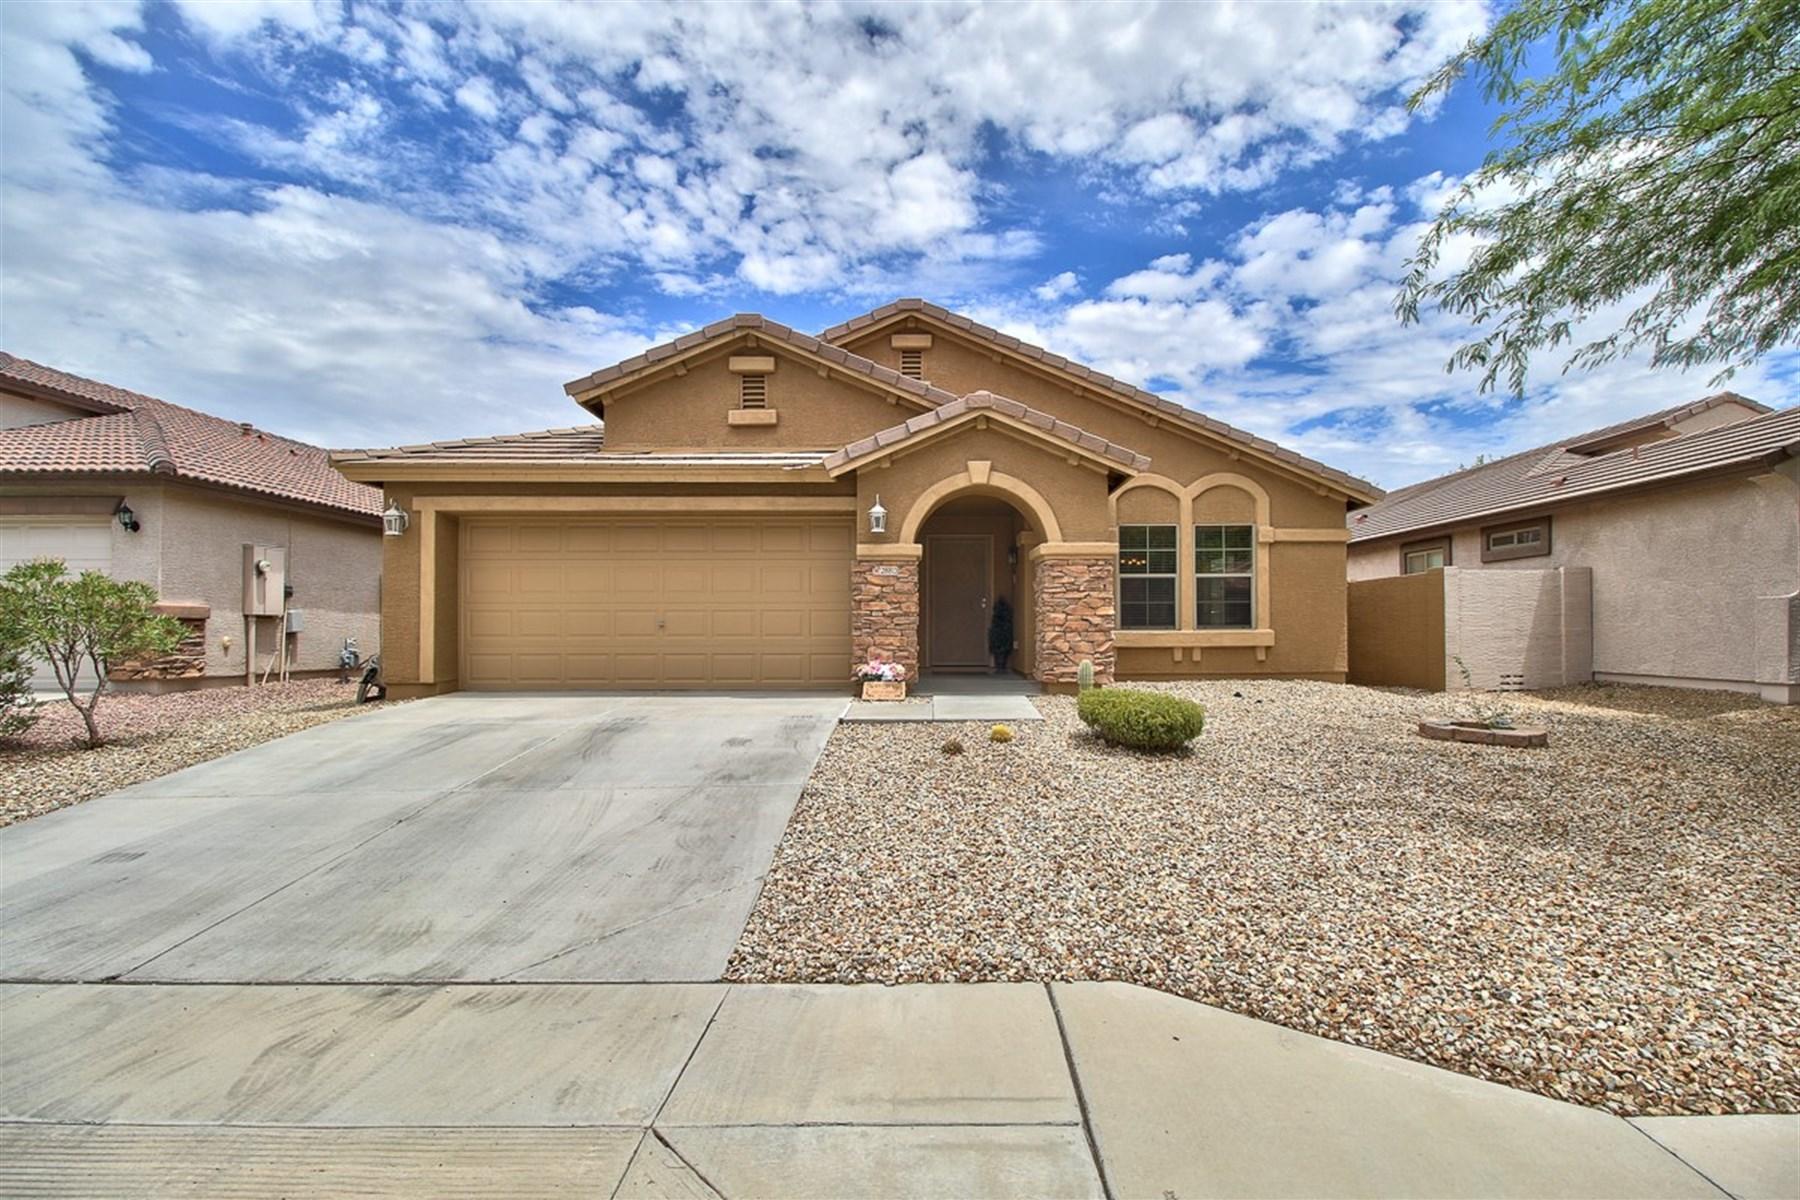 Частный односемейный дом для того Продажа на Beautiful home in North Gateway. 28815 N 23RD DR Phoenix, Аризона 85085 Соединенные Штаты